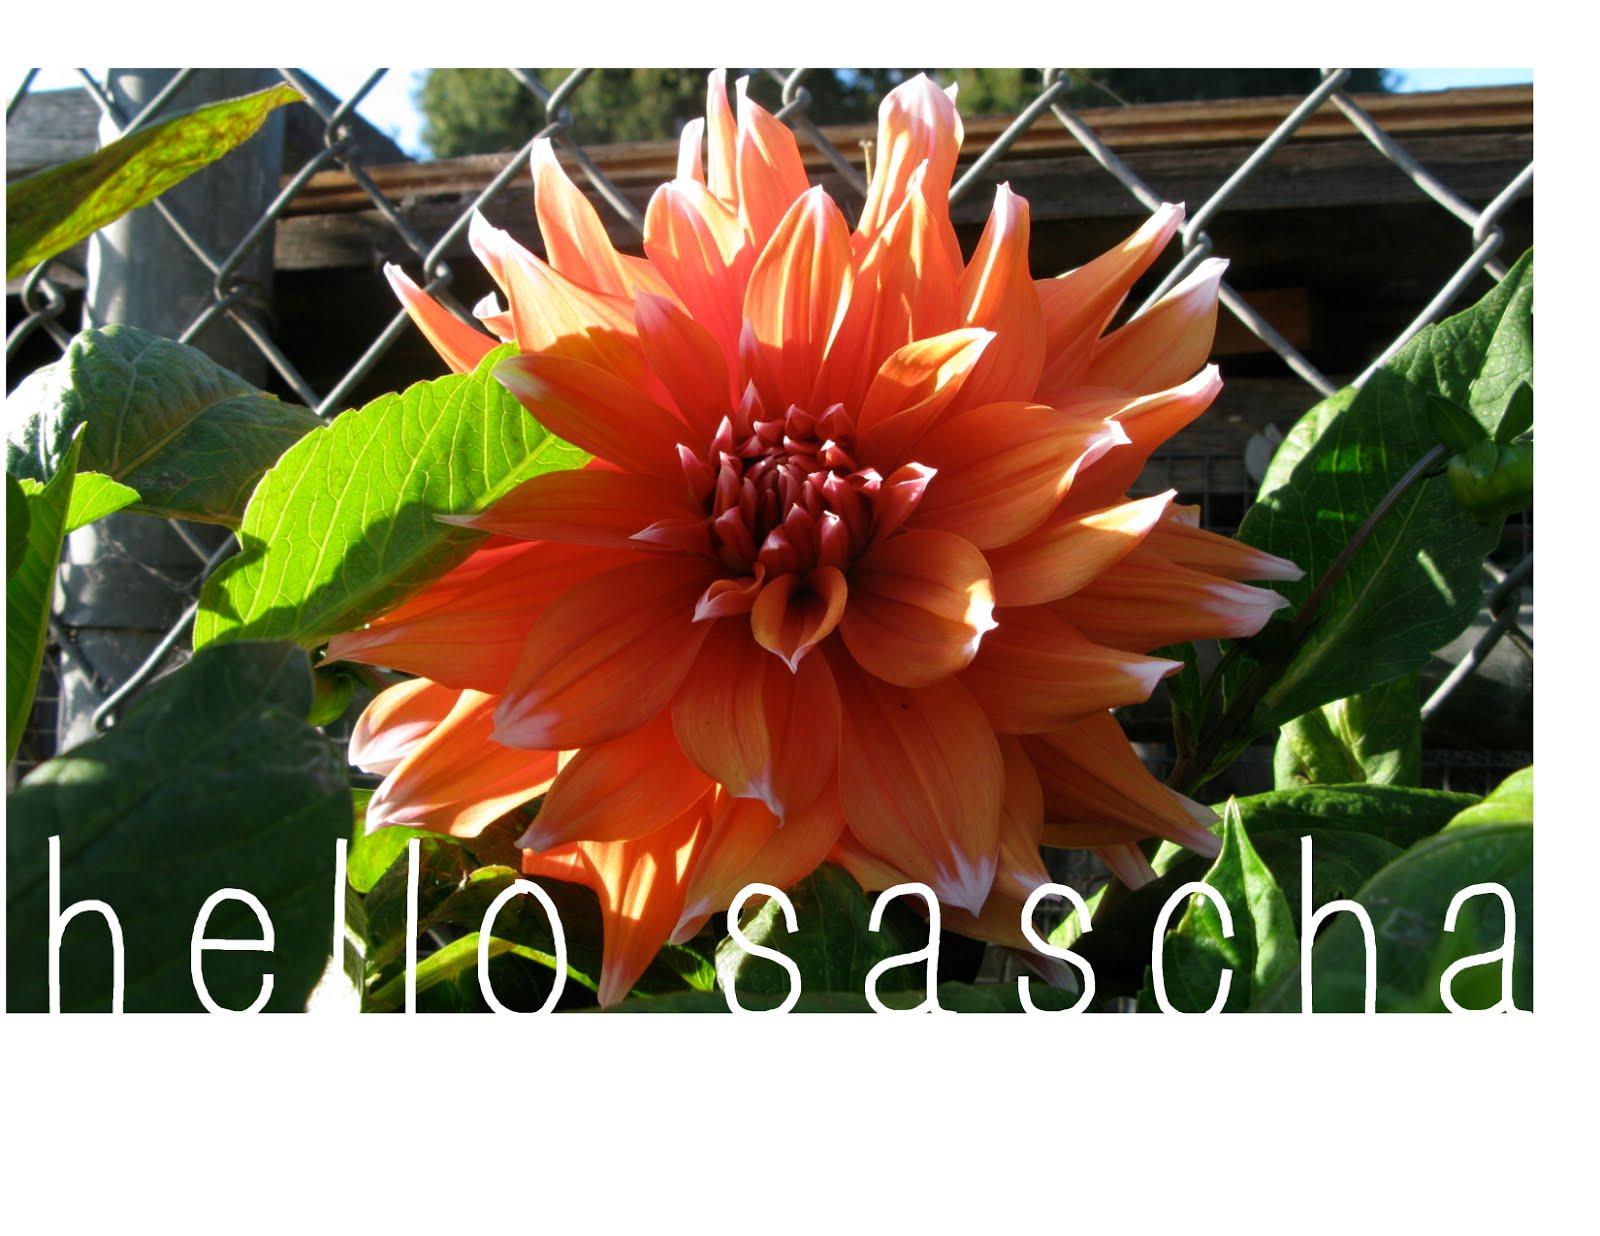 hello sascha